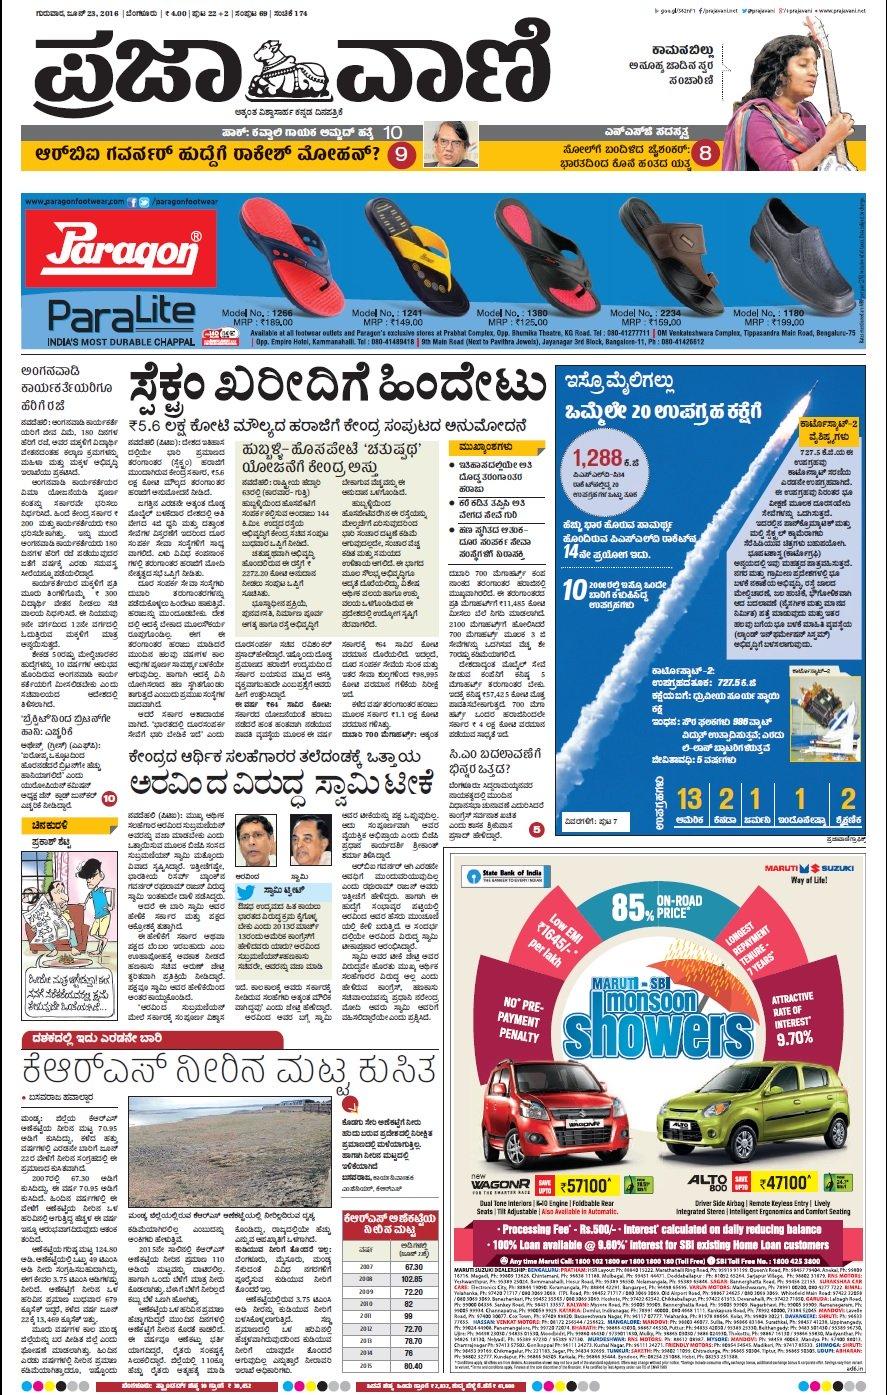 Prajavani Newspaper Advertising